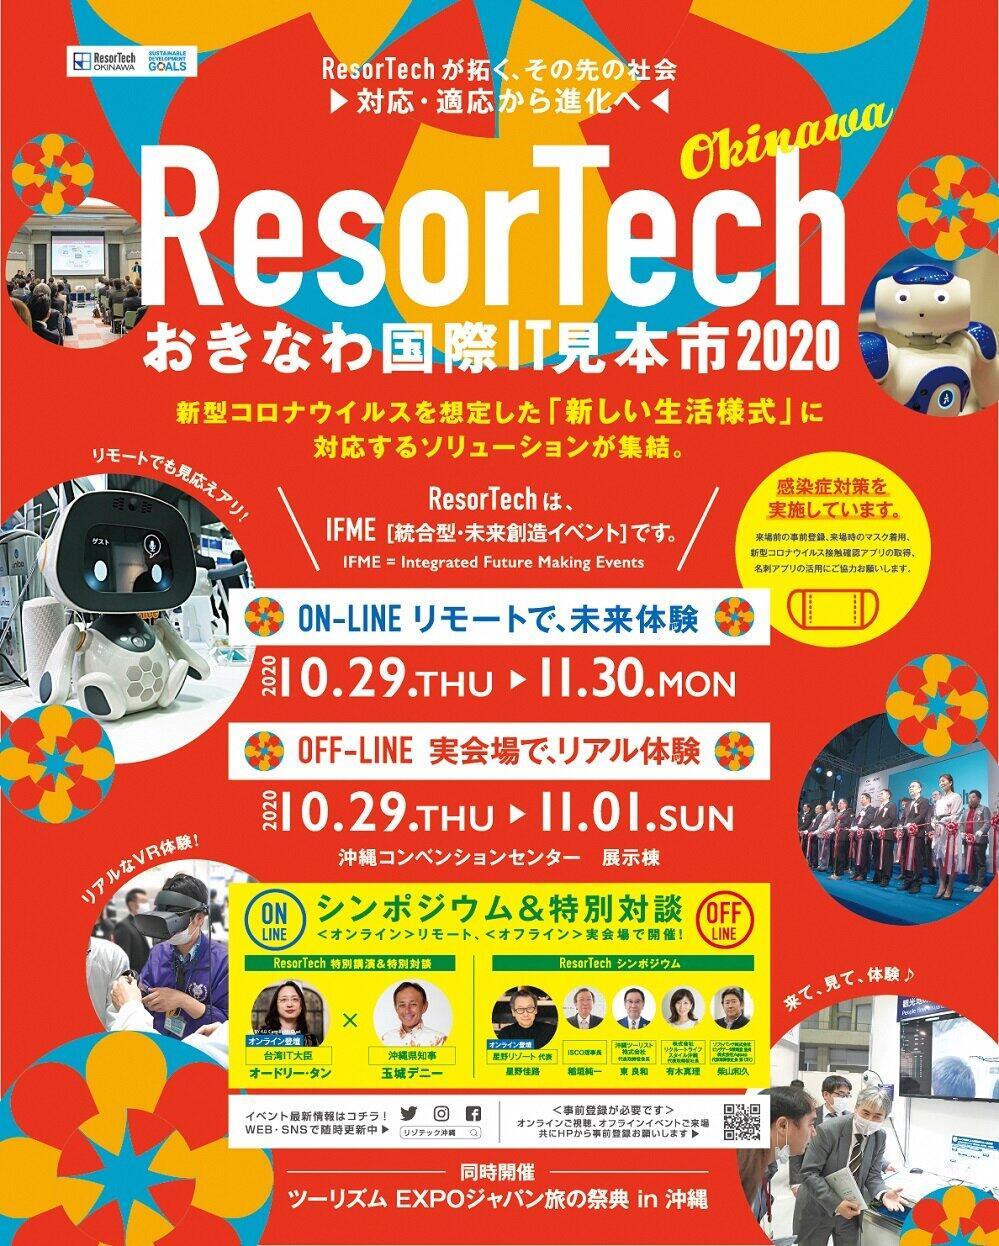 沖縄でITと産業のビジネスマッチングイベント 「ResorTech Okinawaおきなわ国際IT見本市 2020」